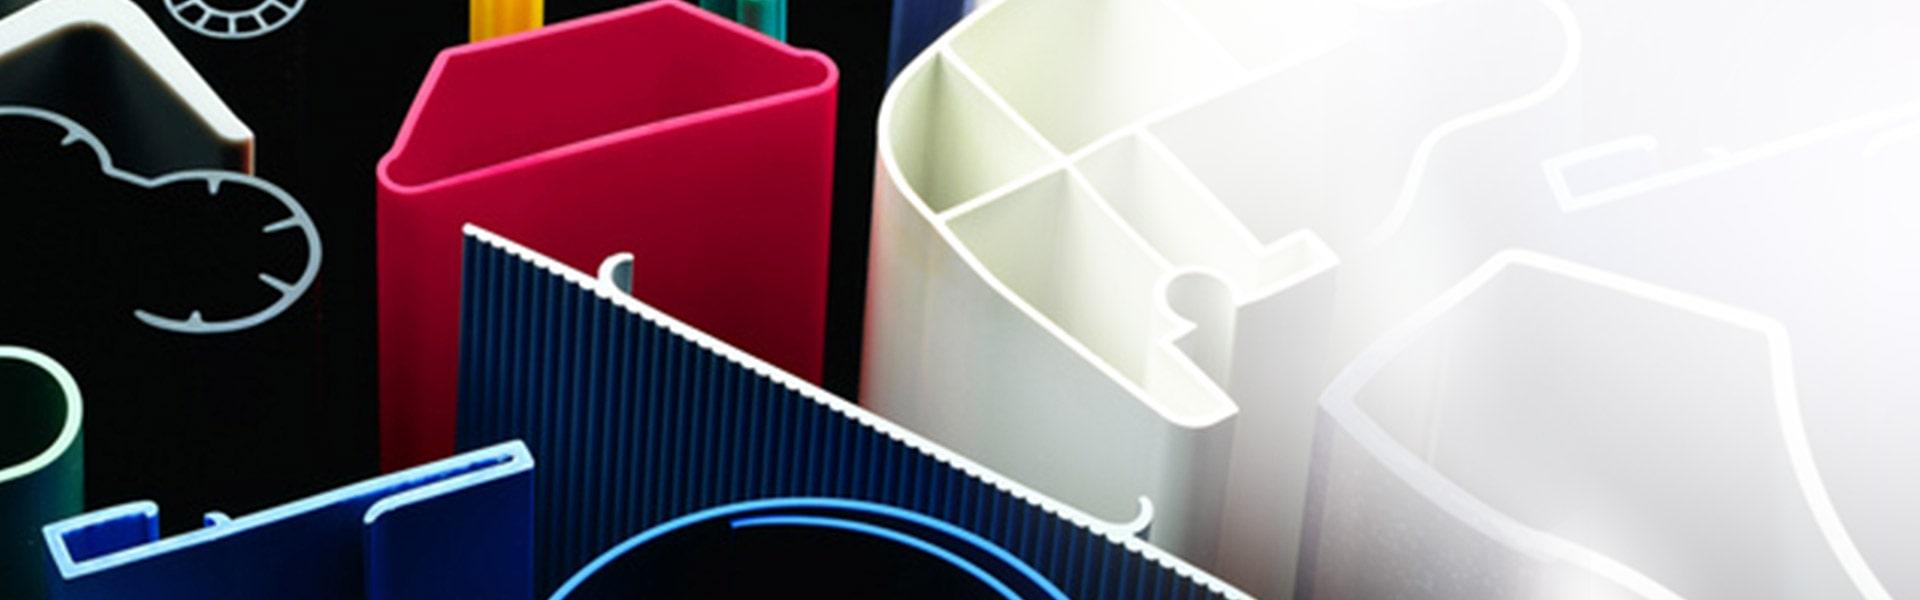 Verschiedenen Kunststoffformen